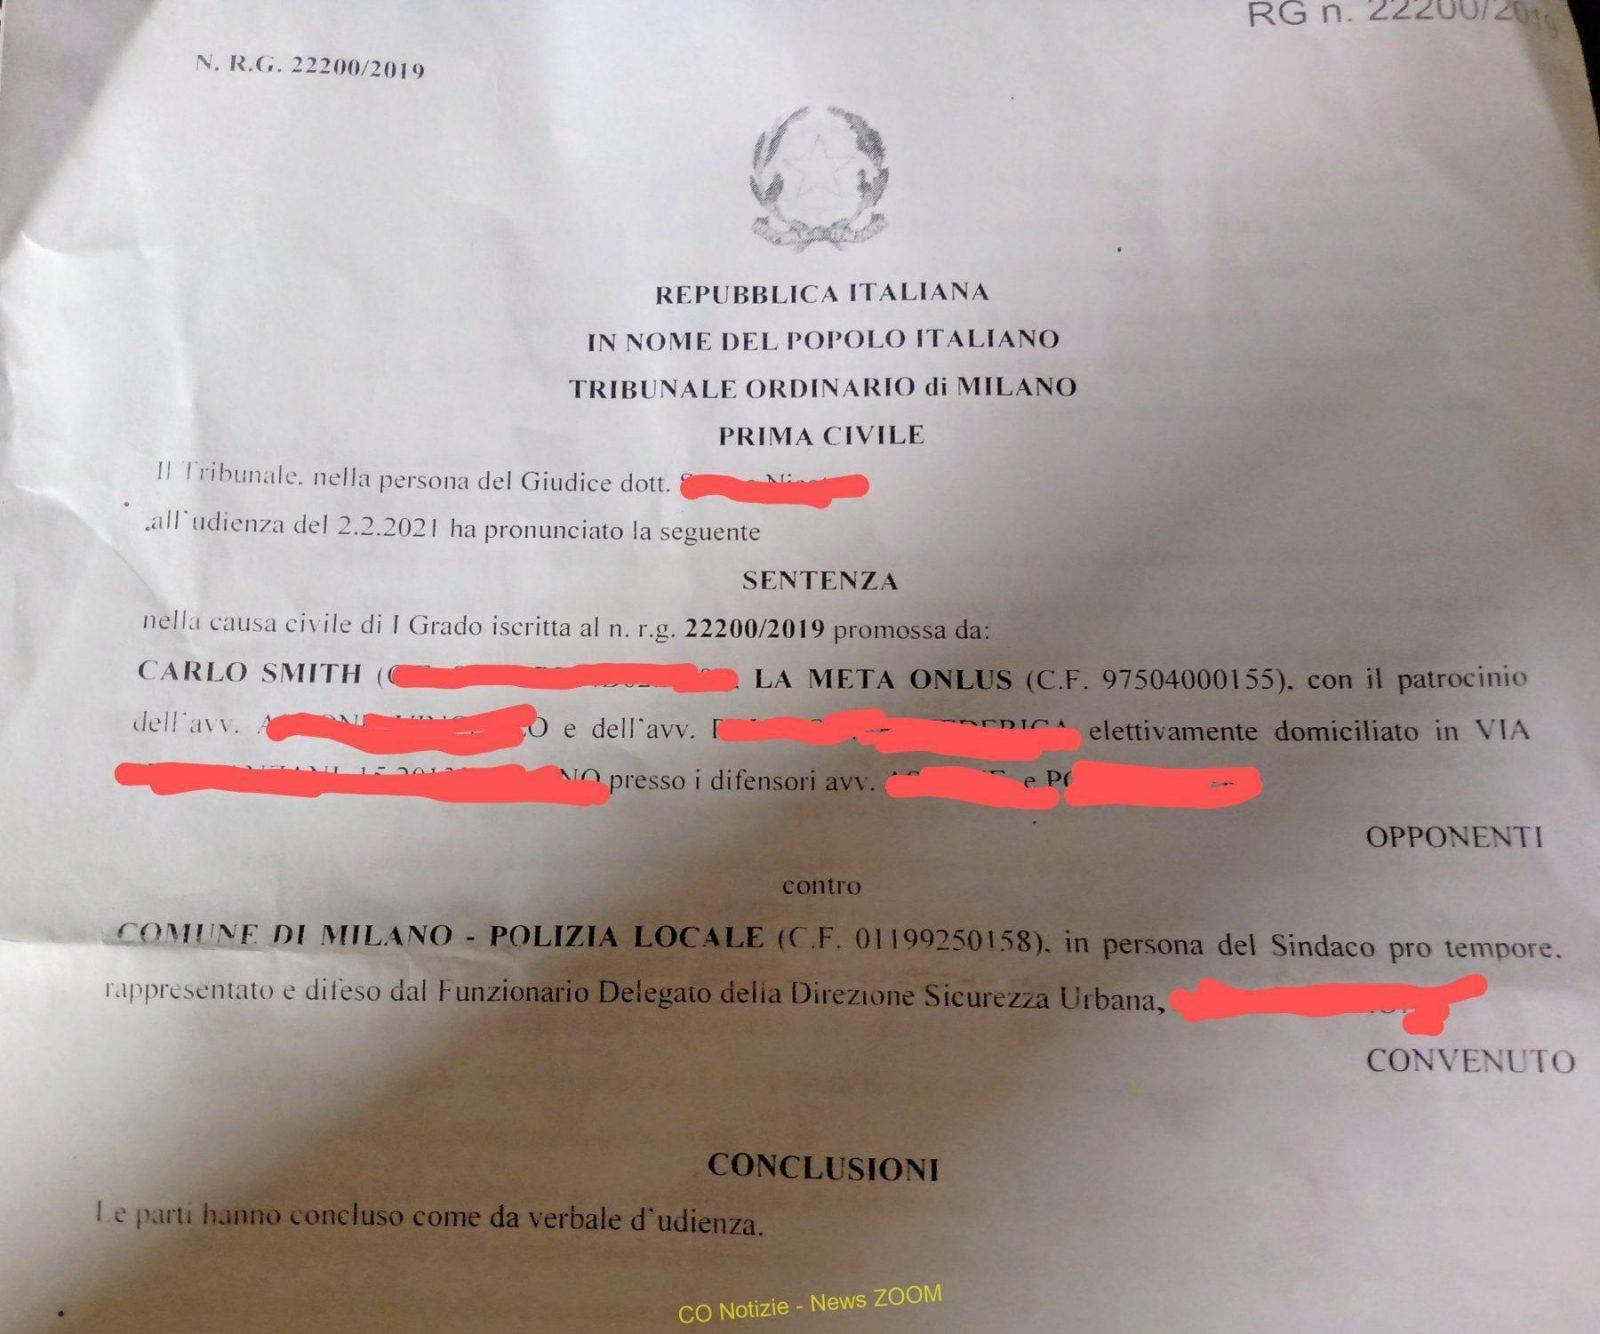 La meta Milano - Striscia la Notizia. La Meta onlus vince il ricorso contro Comune e polizia locale di Milano 31/07/2021